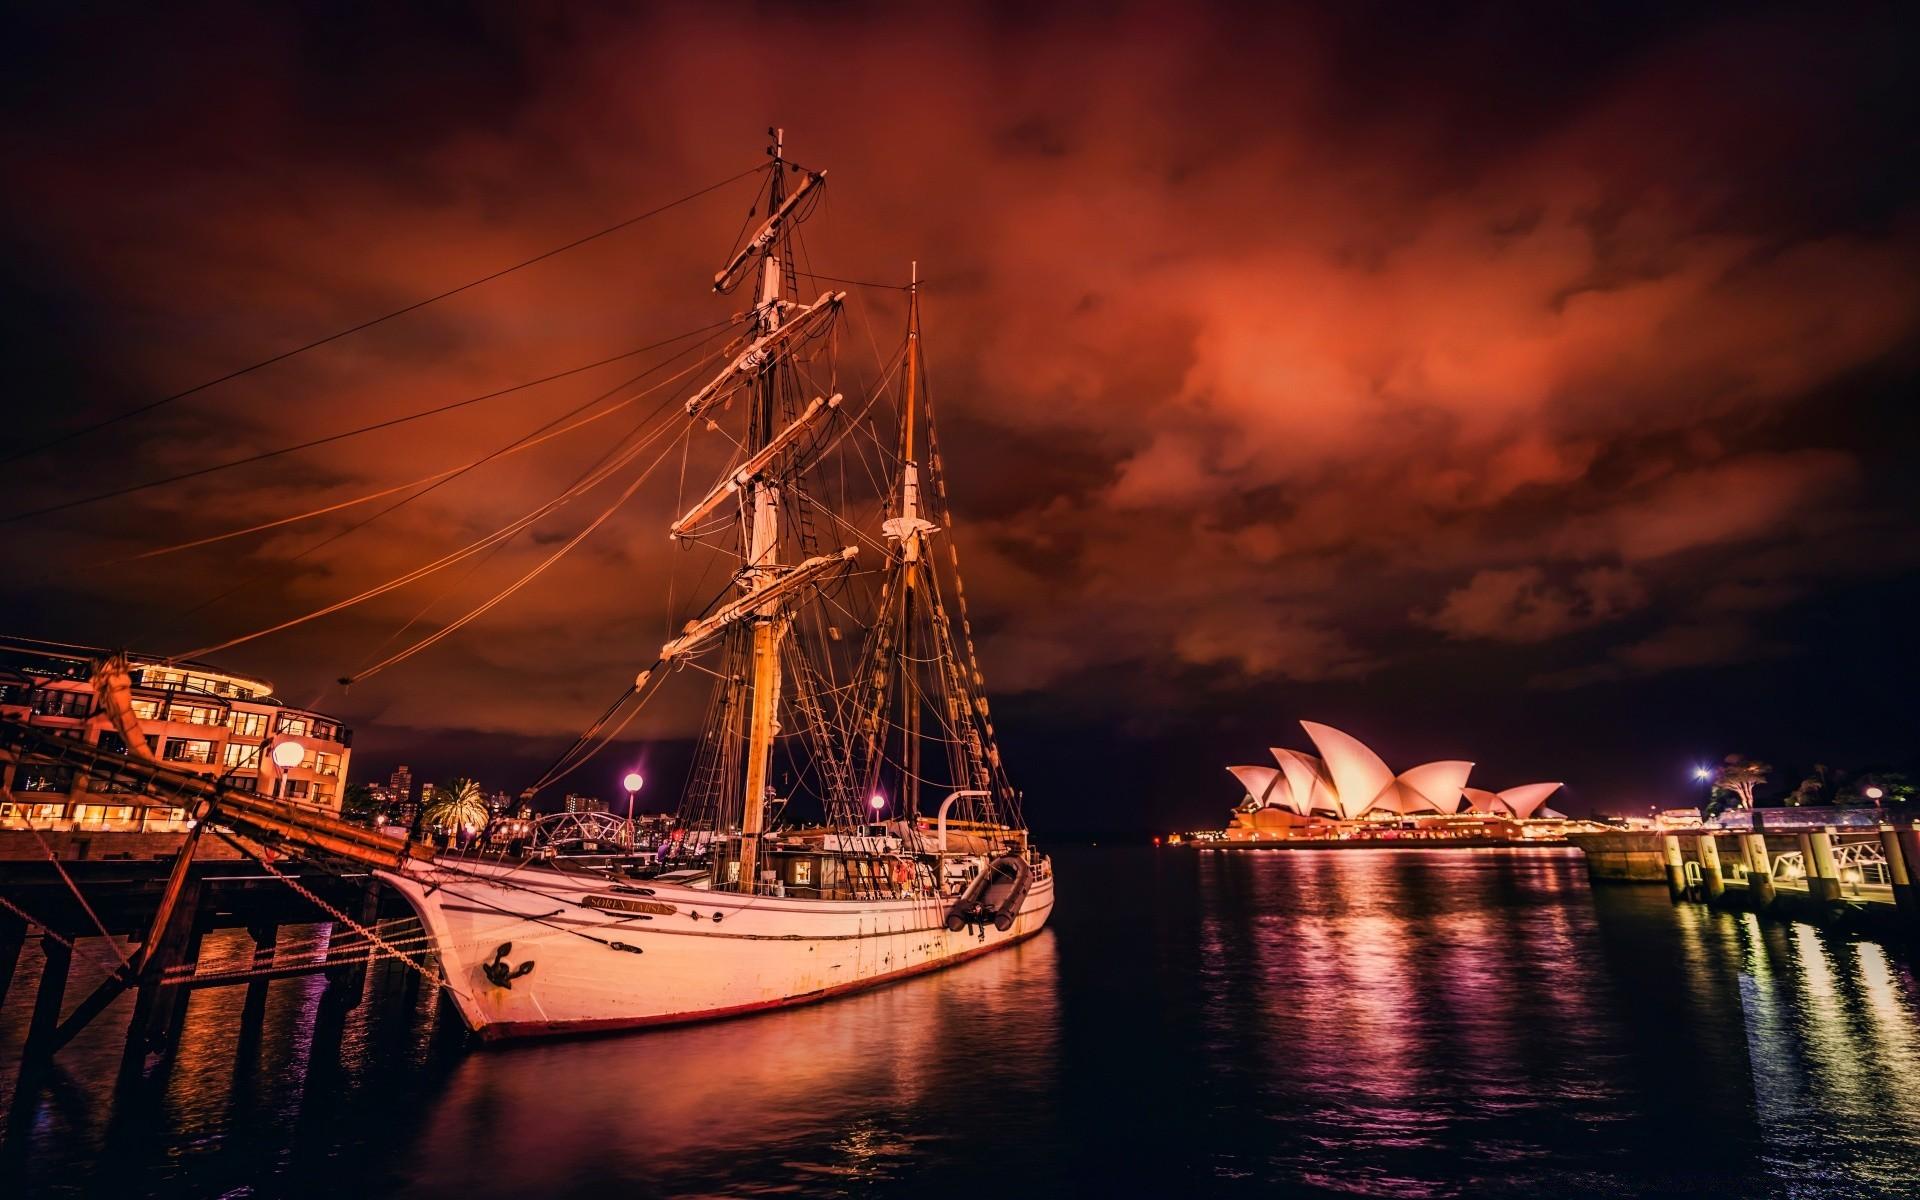 фотографии на рабочий стол яхты ночной порт компании